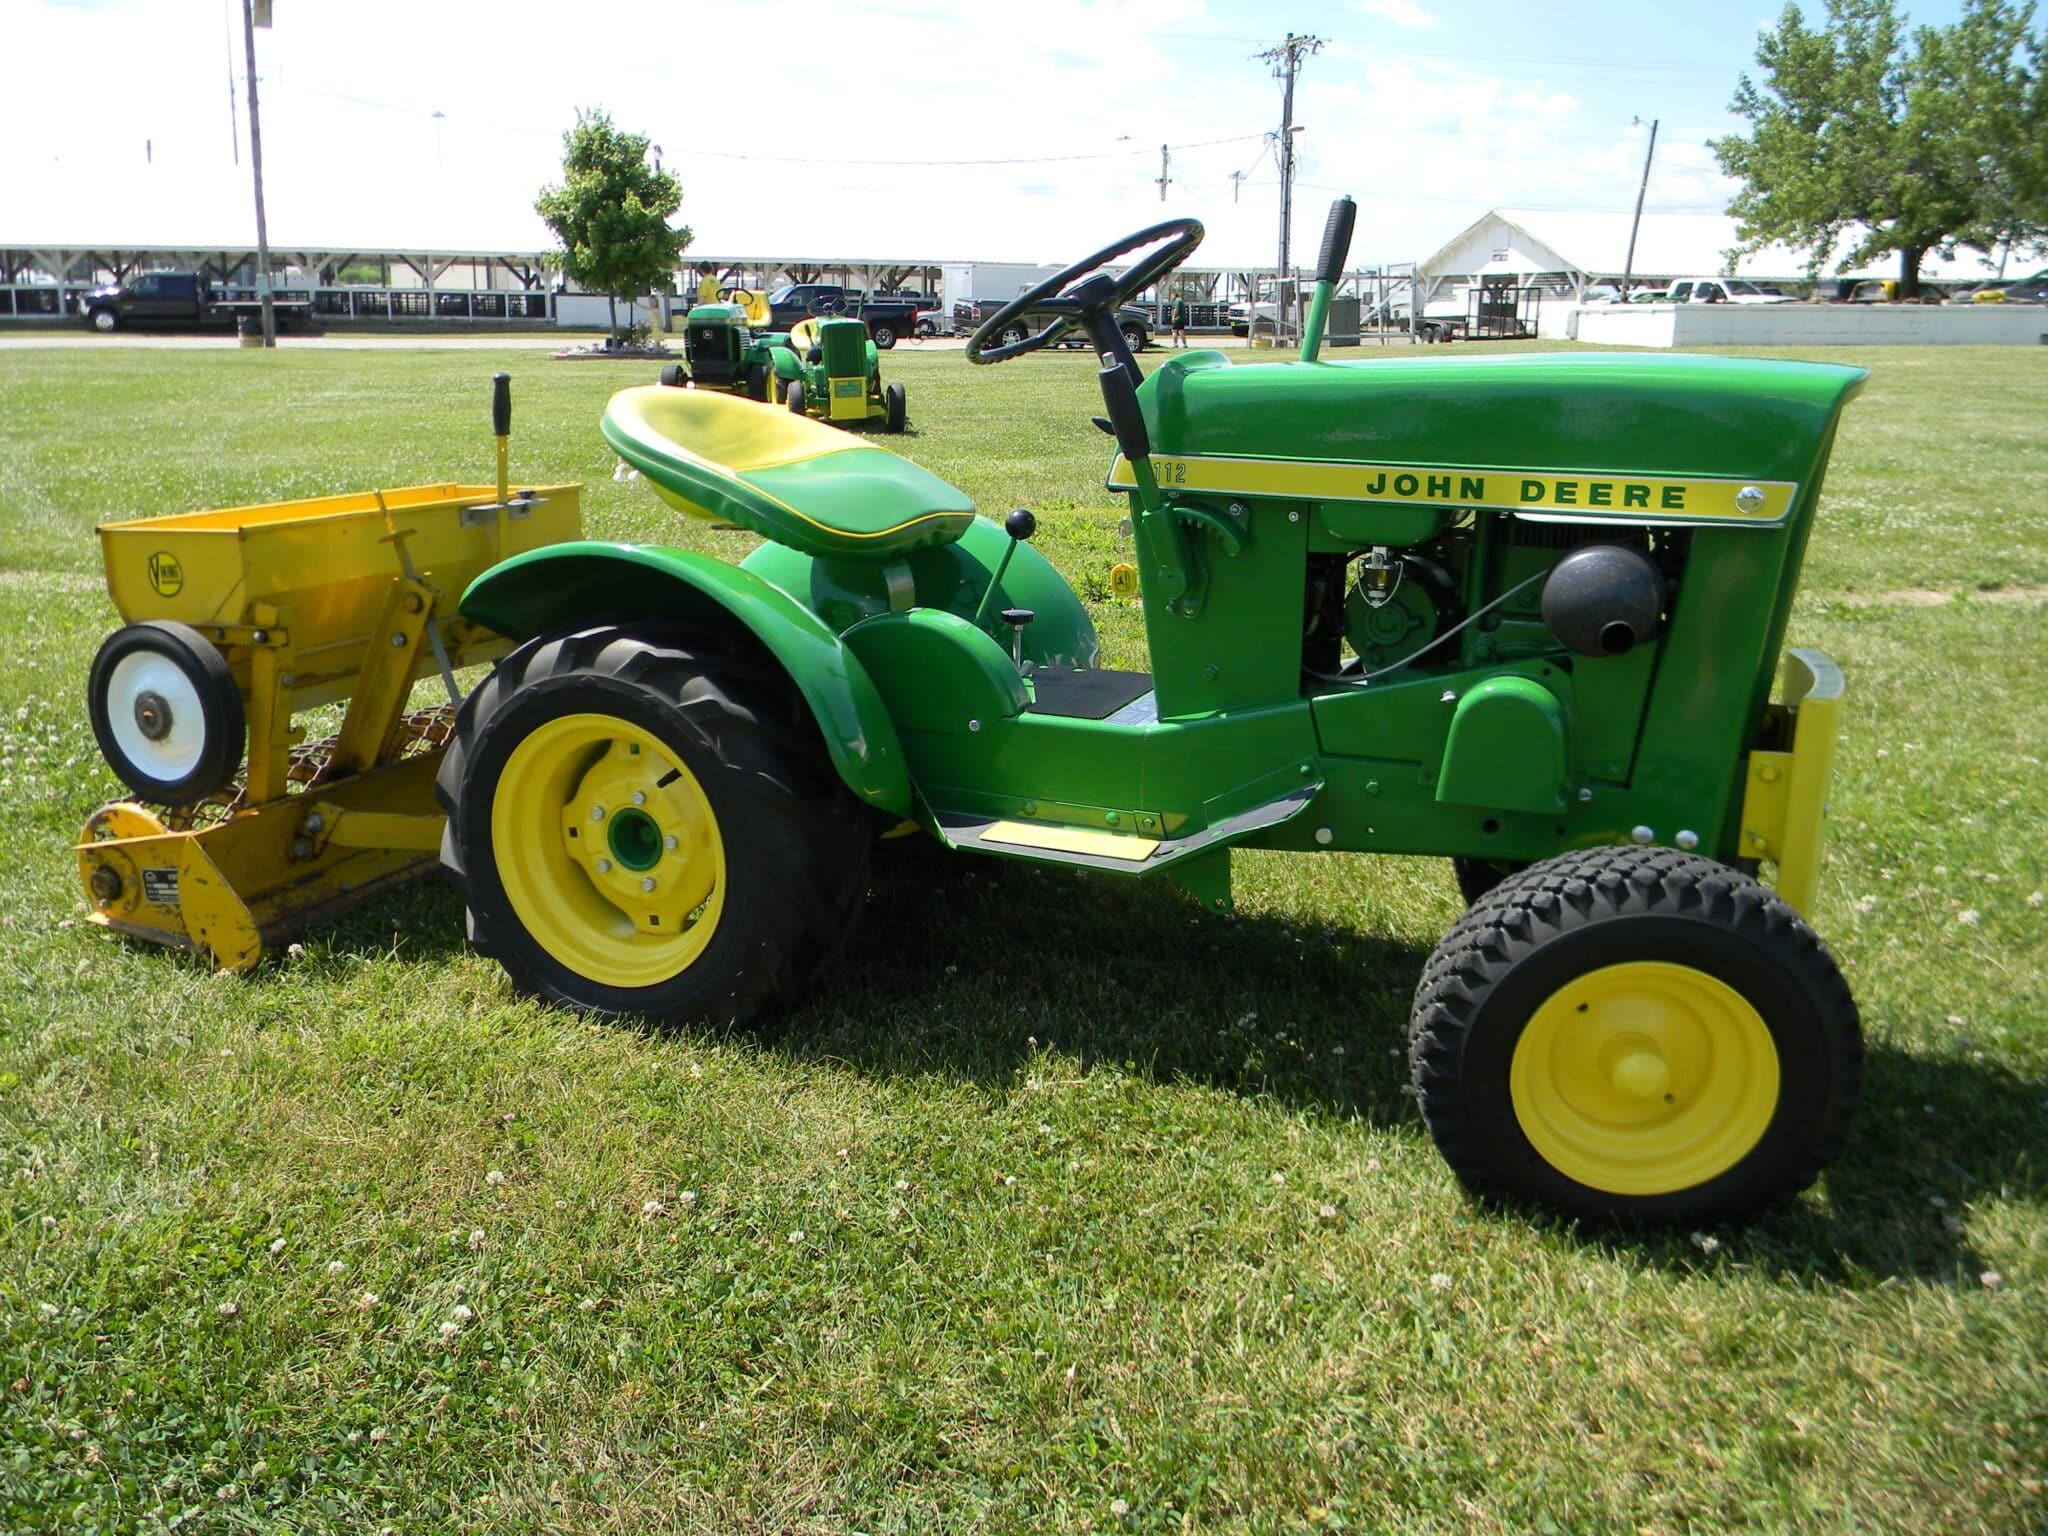 Vintage Lawn And Garden Tractors : John deere weekend of freedom event schedule dodge